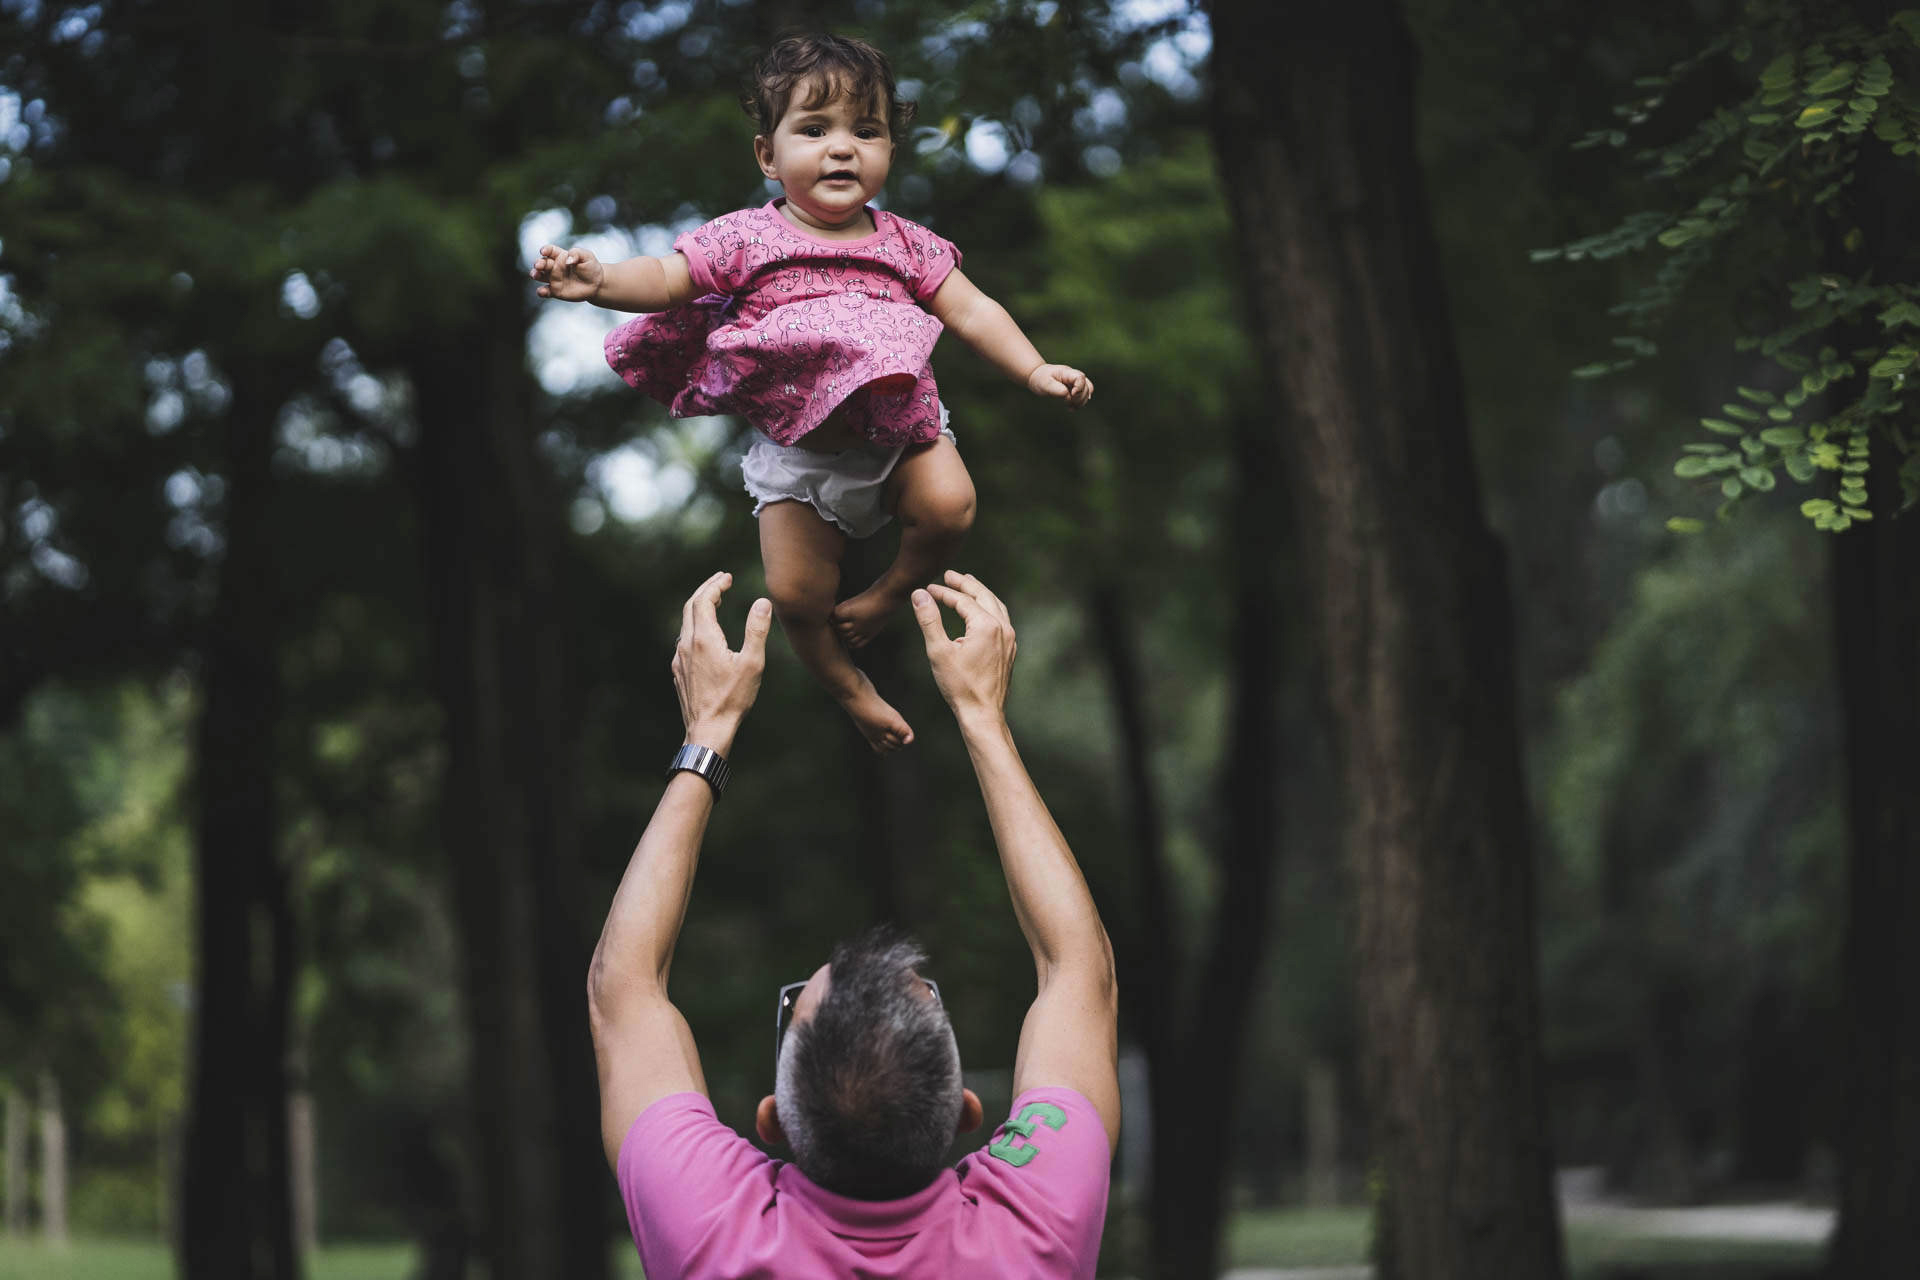 Servizio Fotografico Bambini e Famiglia a Venezia, Veneto. Ecco la piccola Greta. Michelino Studio, fotografo professionista per neonati, bambini e famiglia in Veneto. 008